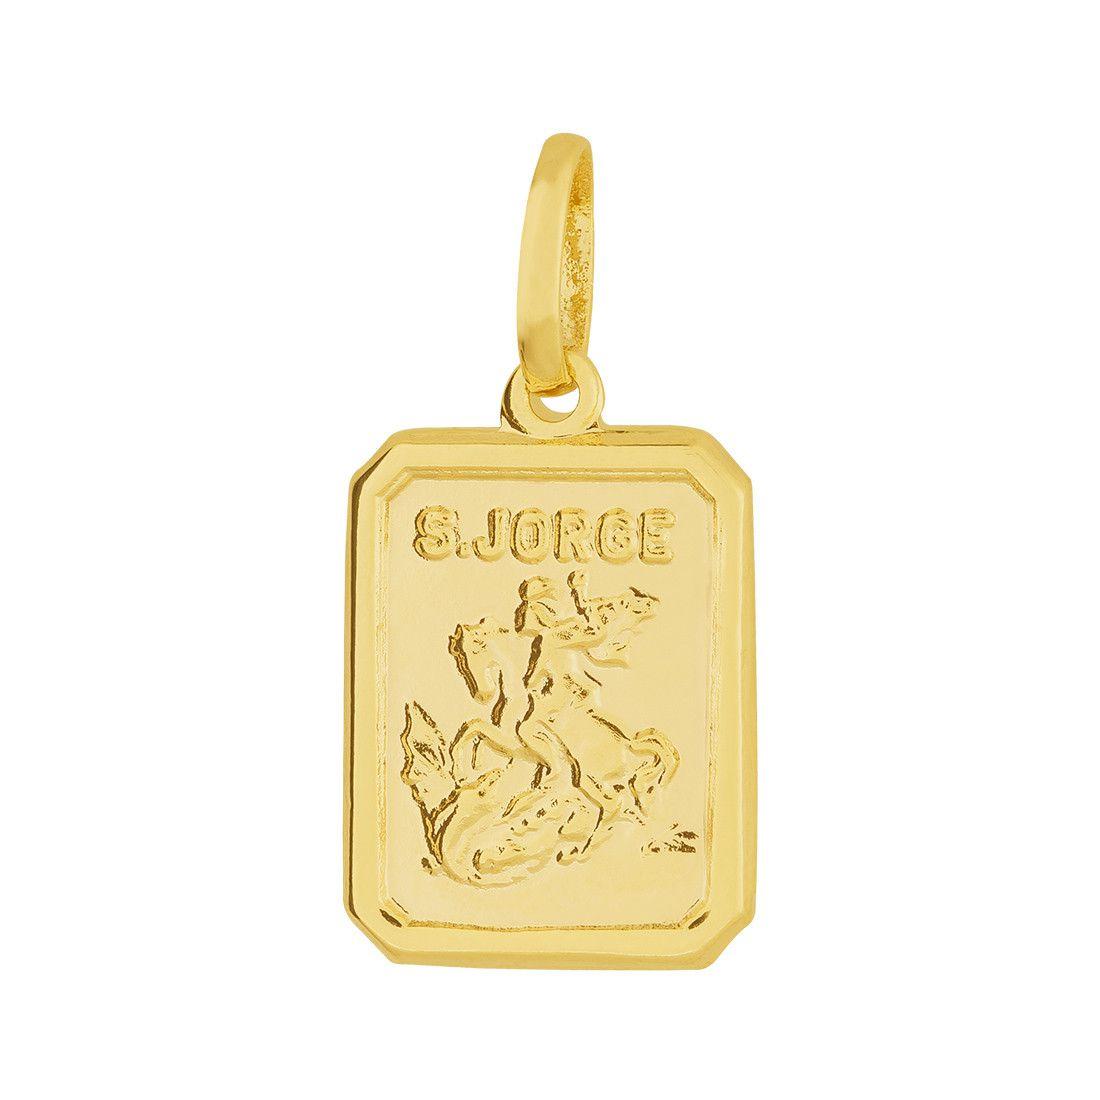 Pingente Aço Dourado (Gold IPG) São Jorge Dourado 15x11mm 311333